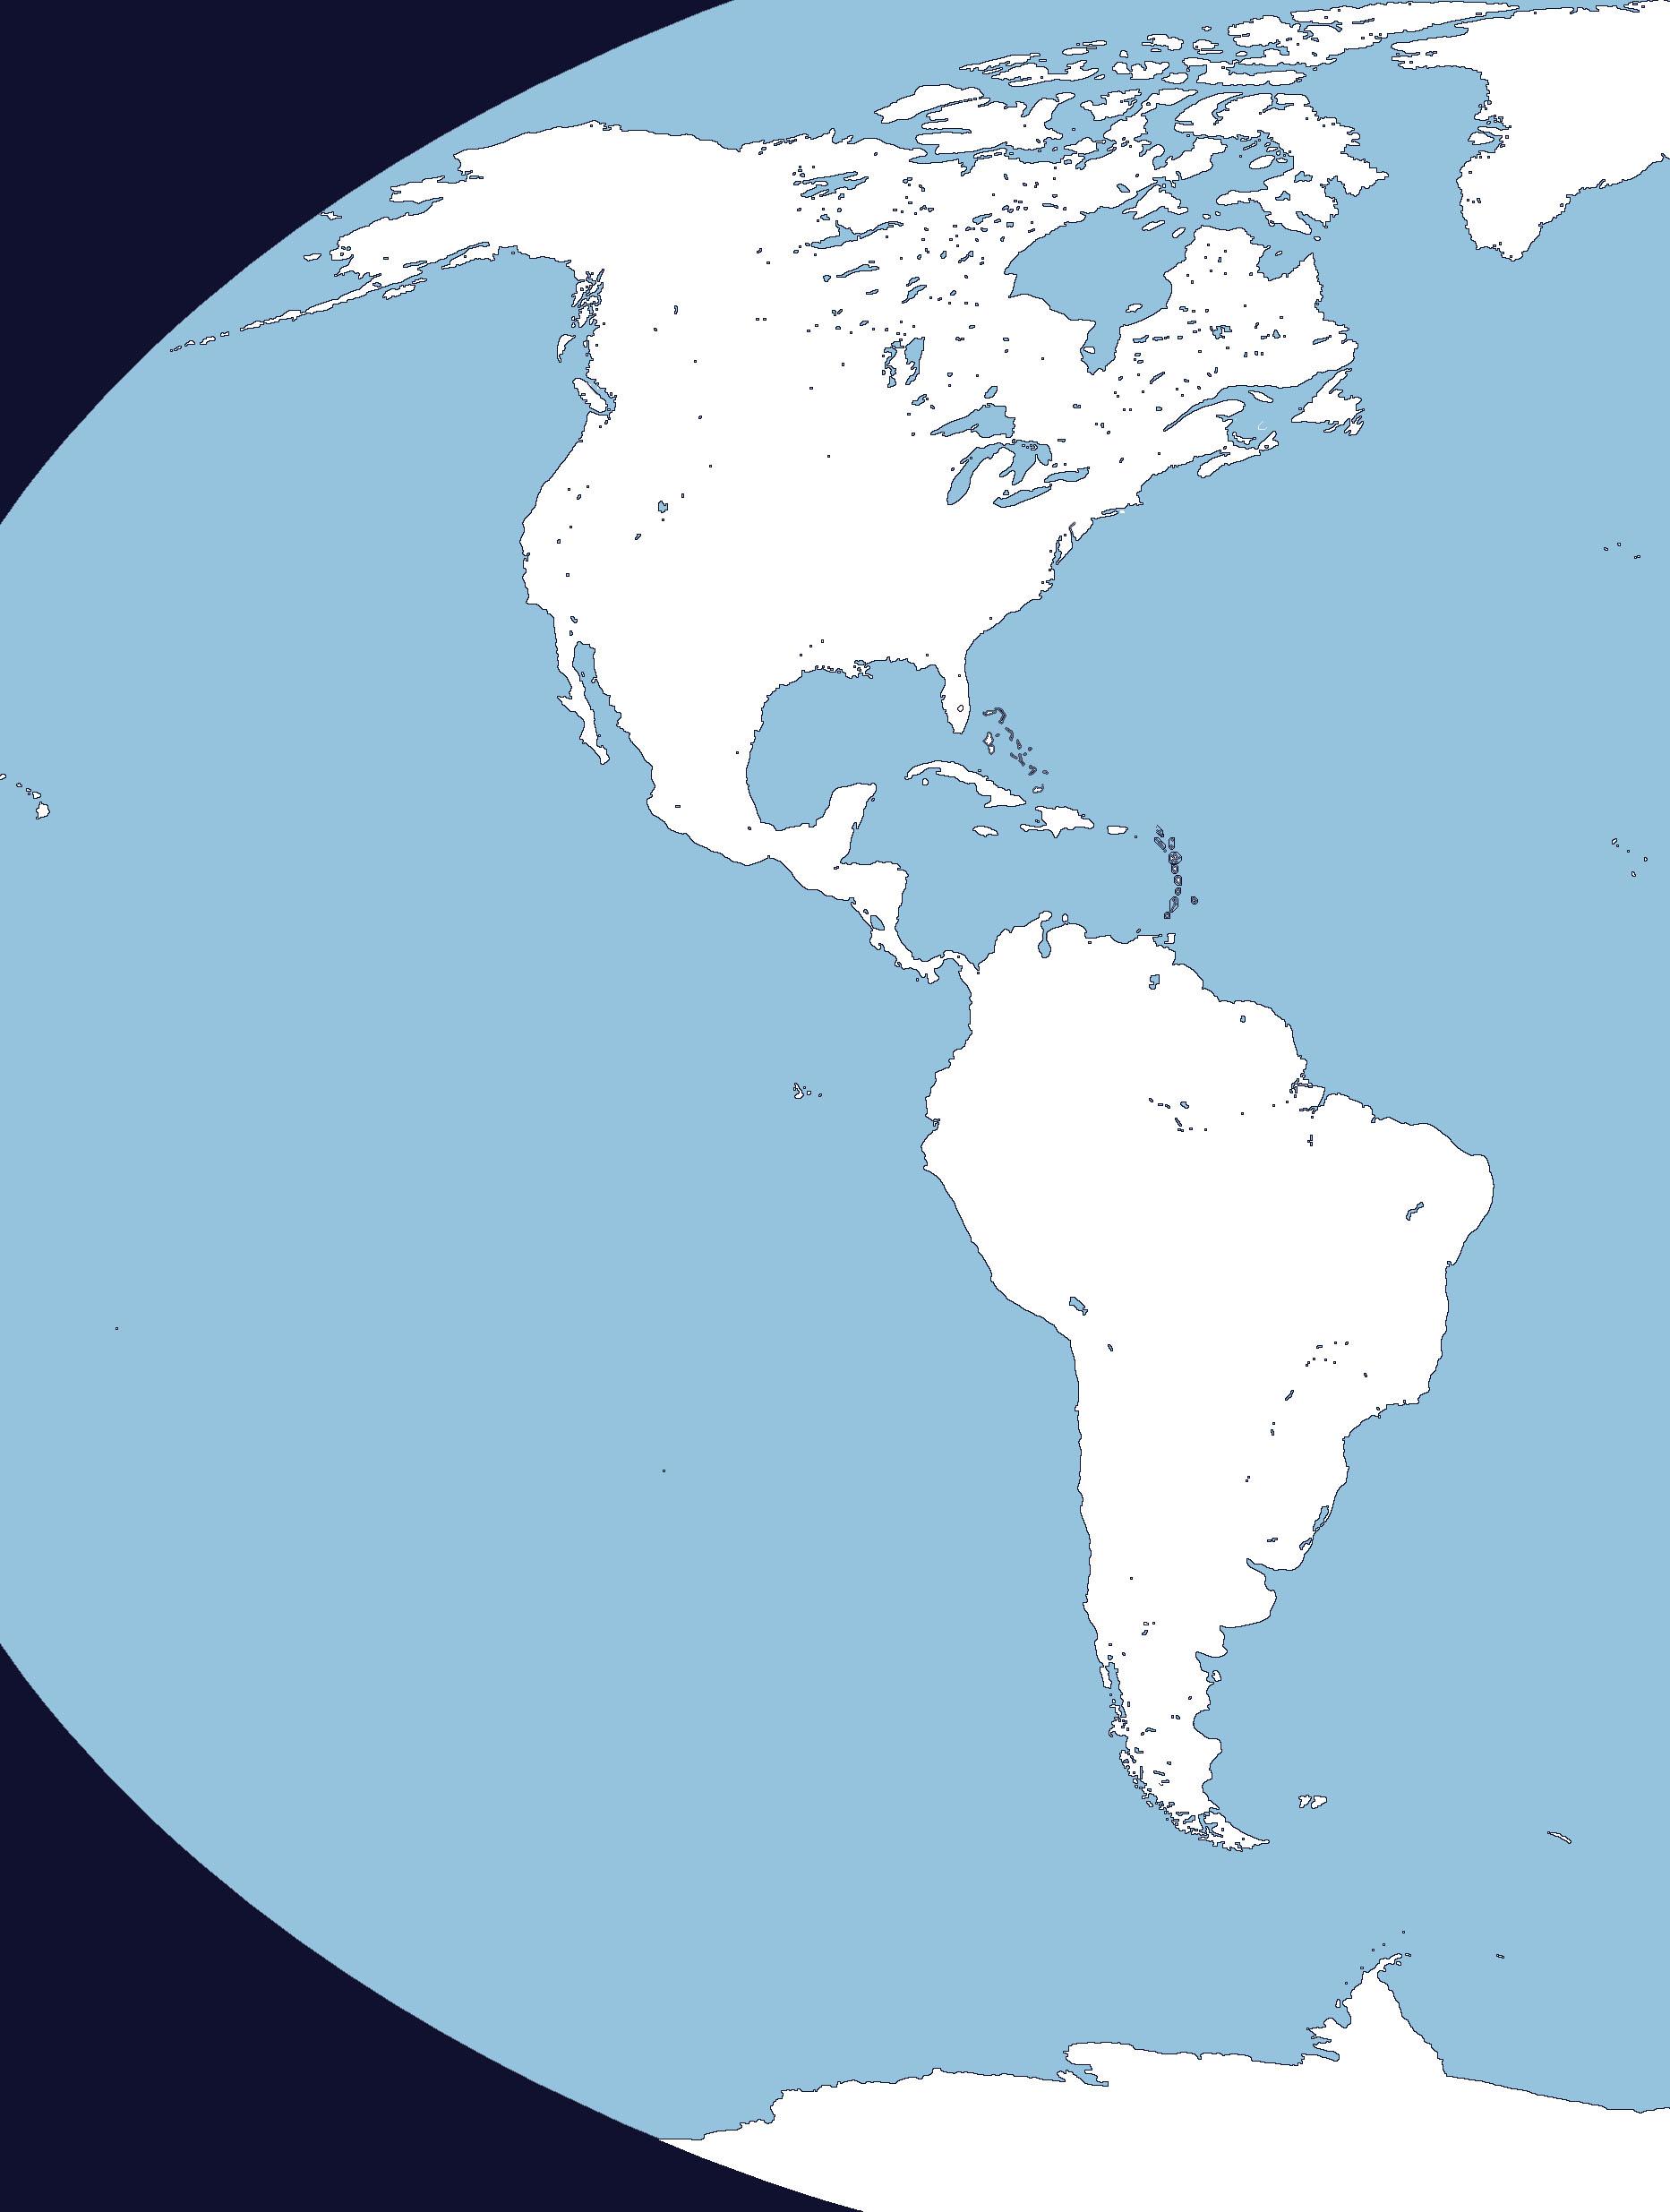 Americas blank.jpg